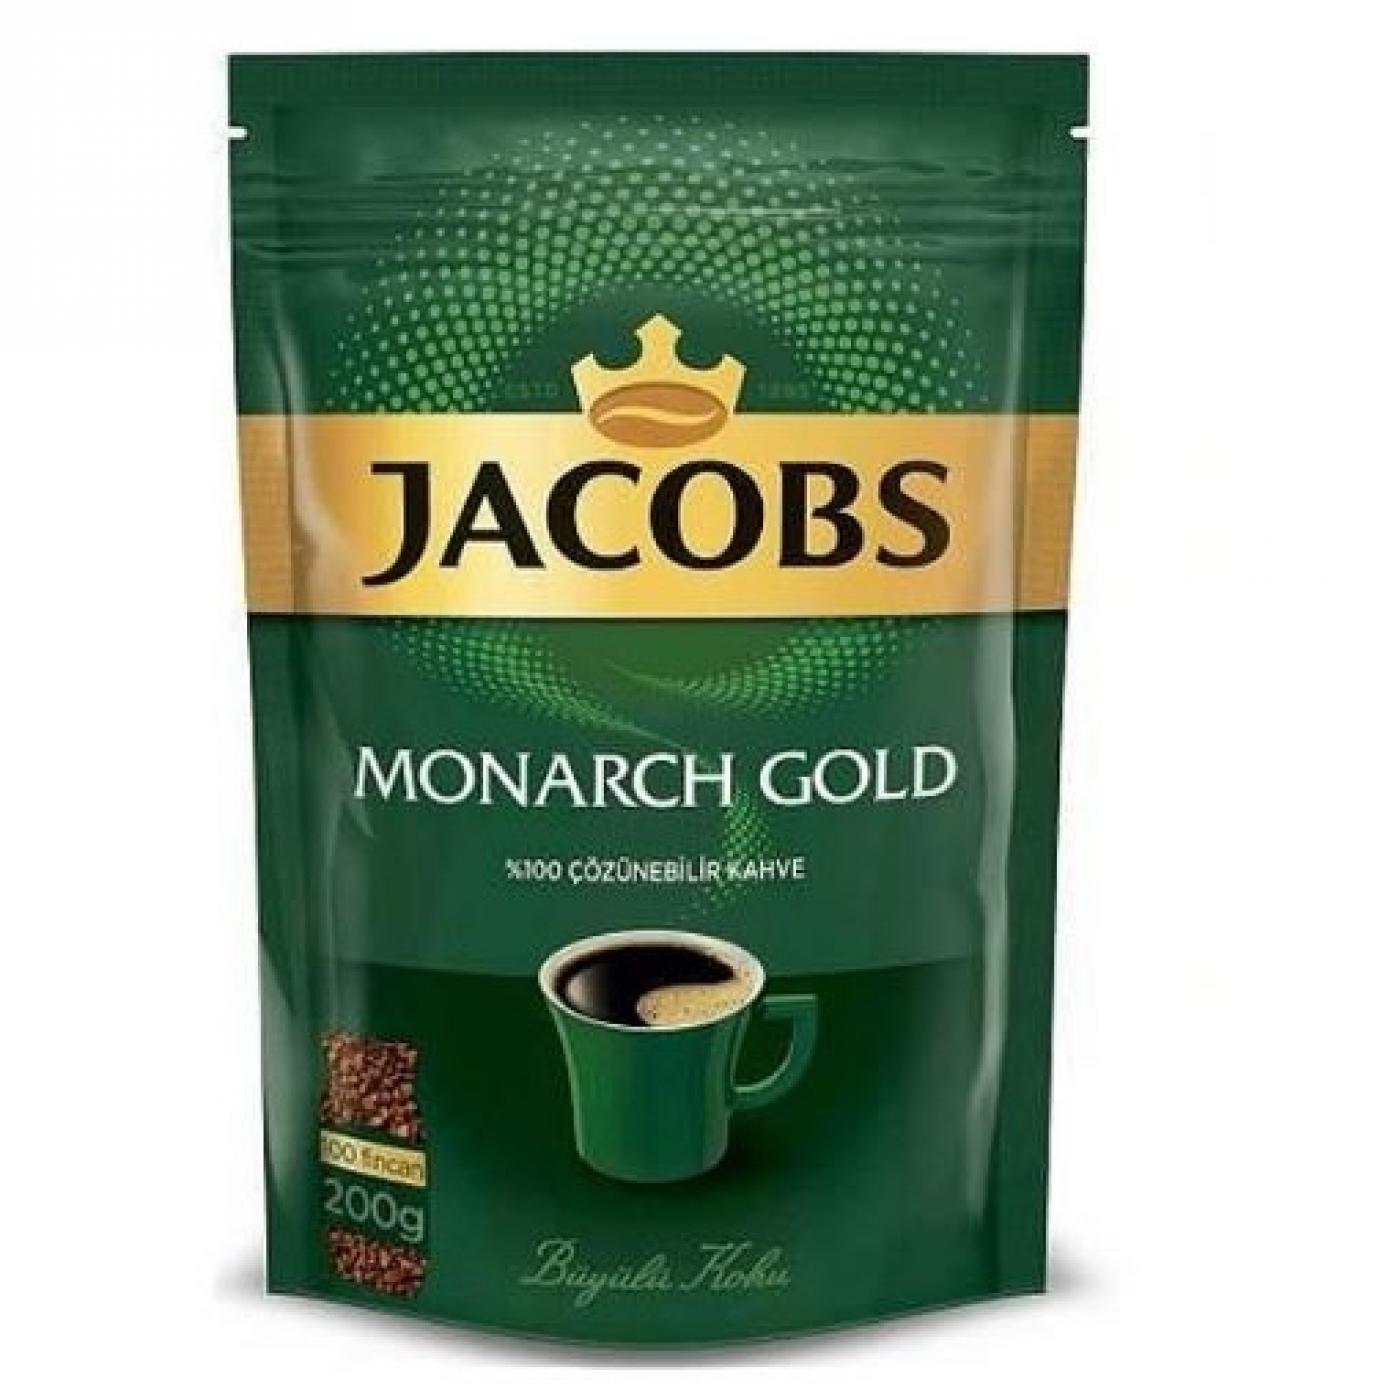 JACOBS MONARCH GOLD EKO PAKET 200GR